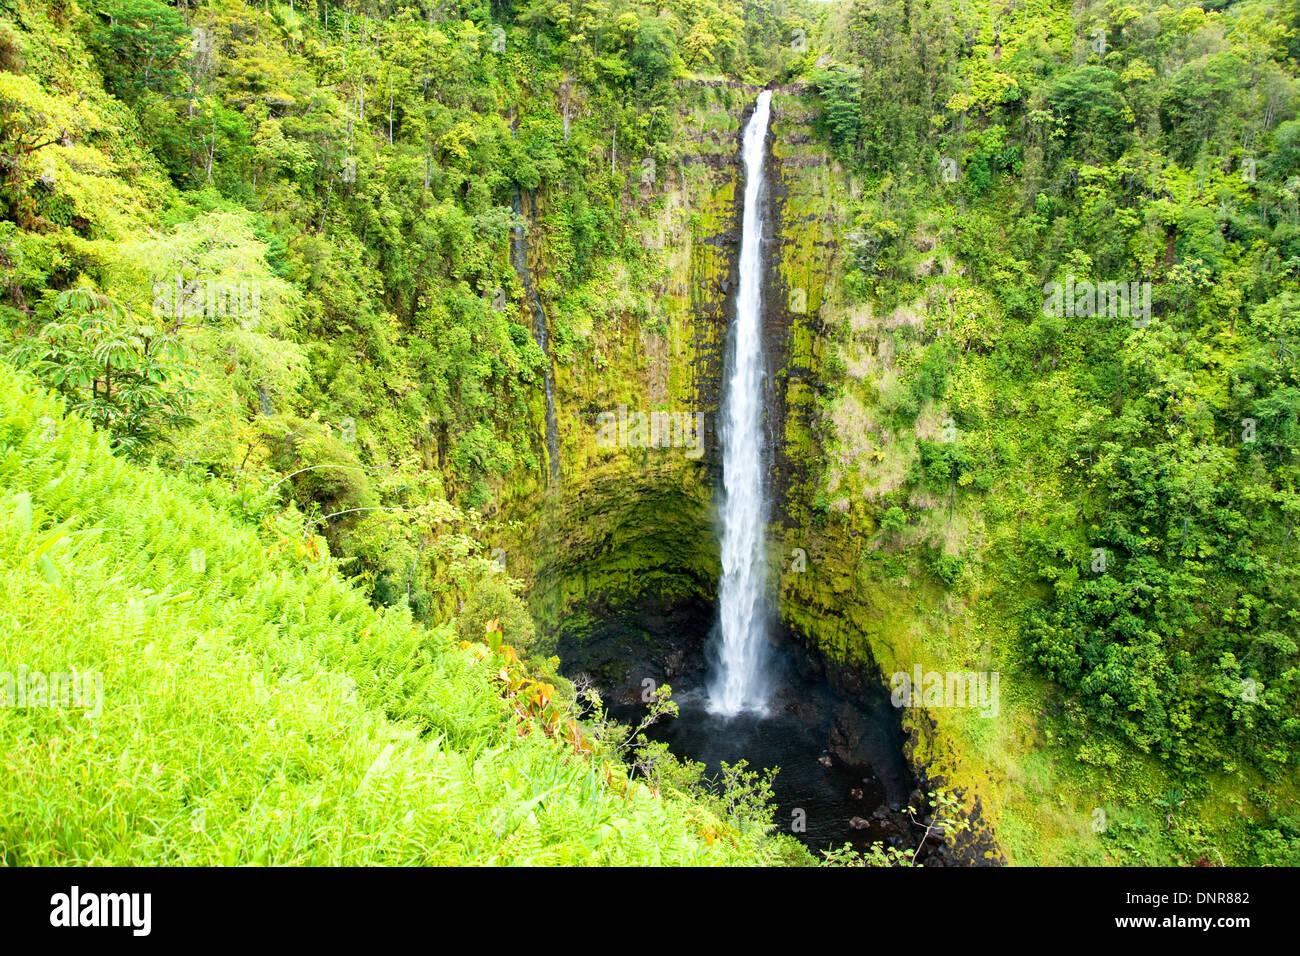 Rainforest On The Big Island: Hawaii Tropical Rain Forest Rainforest Stock Photos